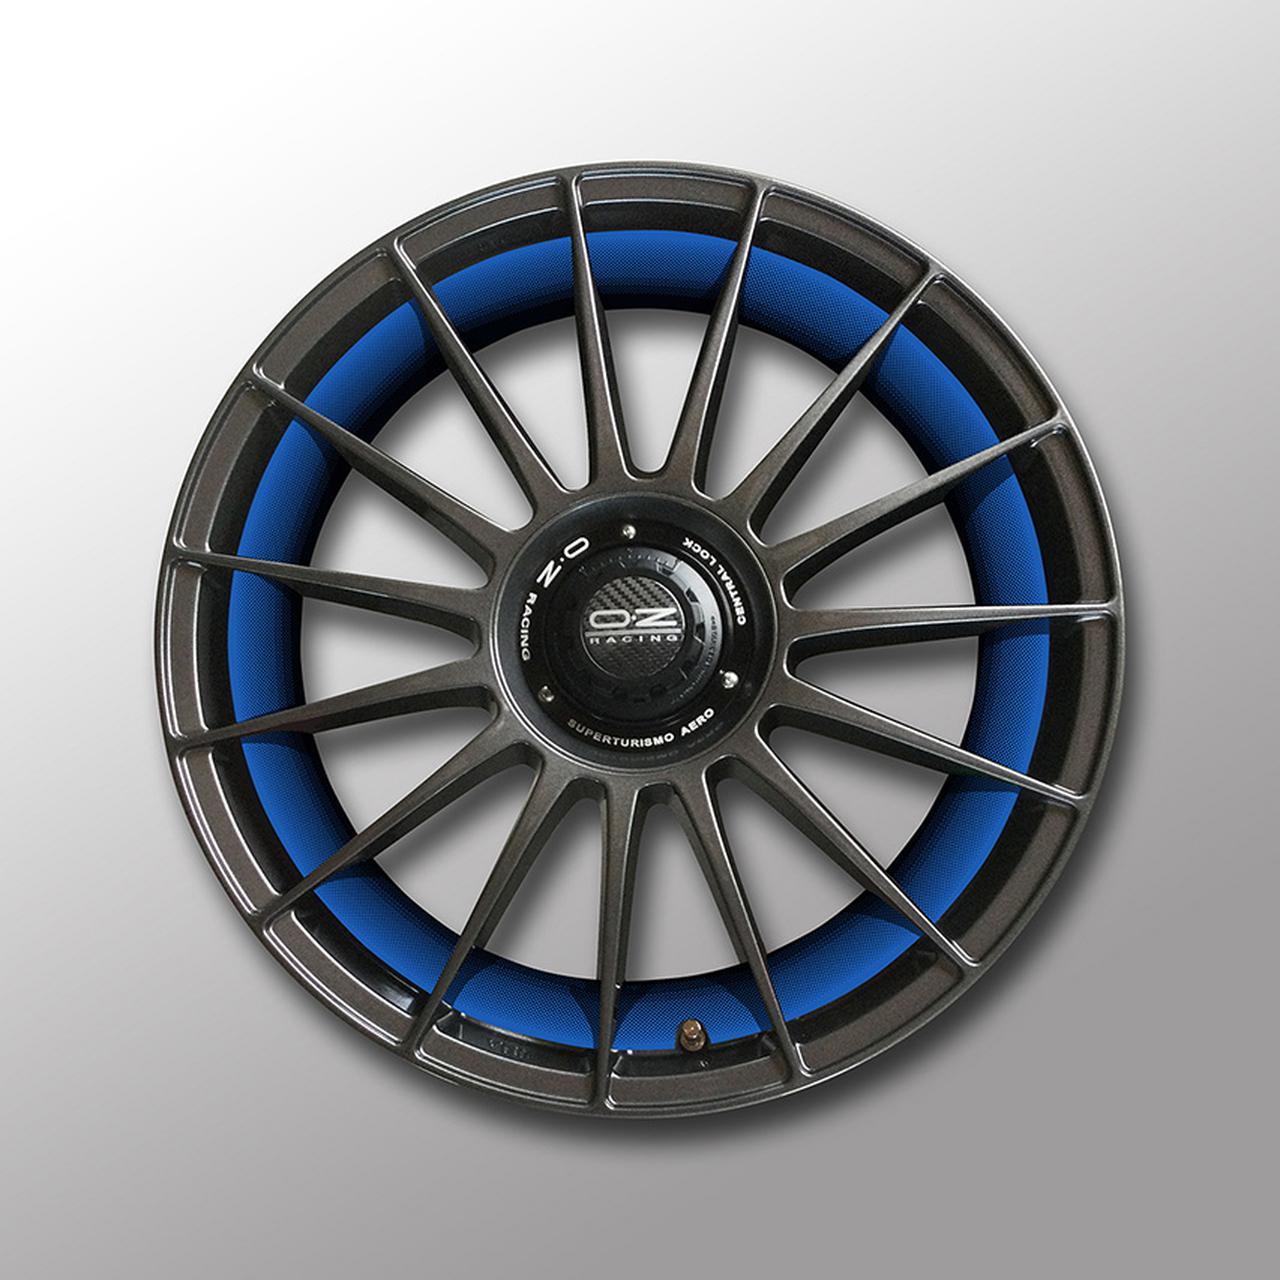 画像4: 【O・Z】「Superturismo Aero」用フラップステッカー発売